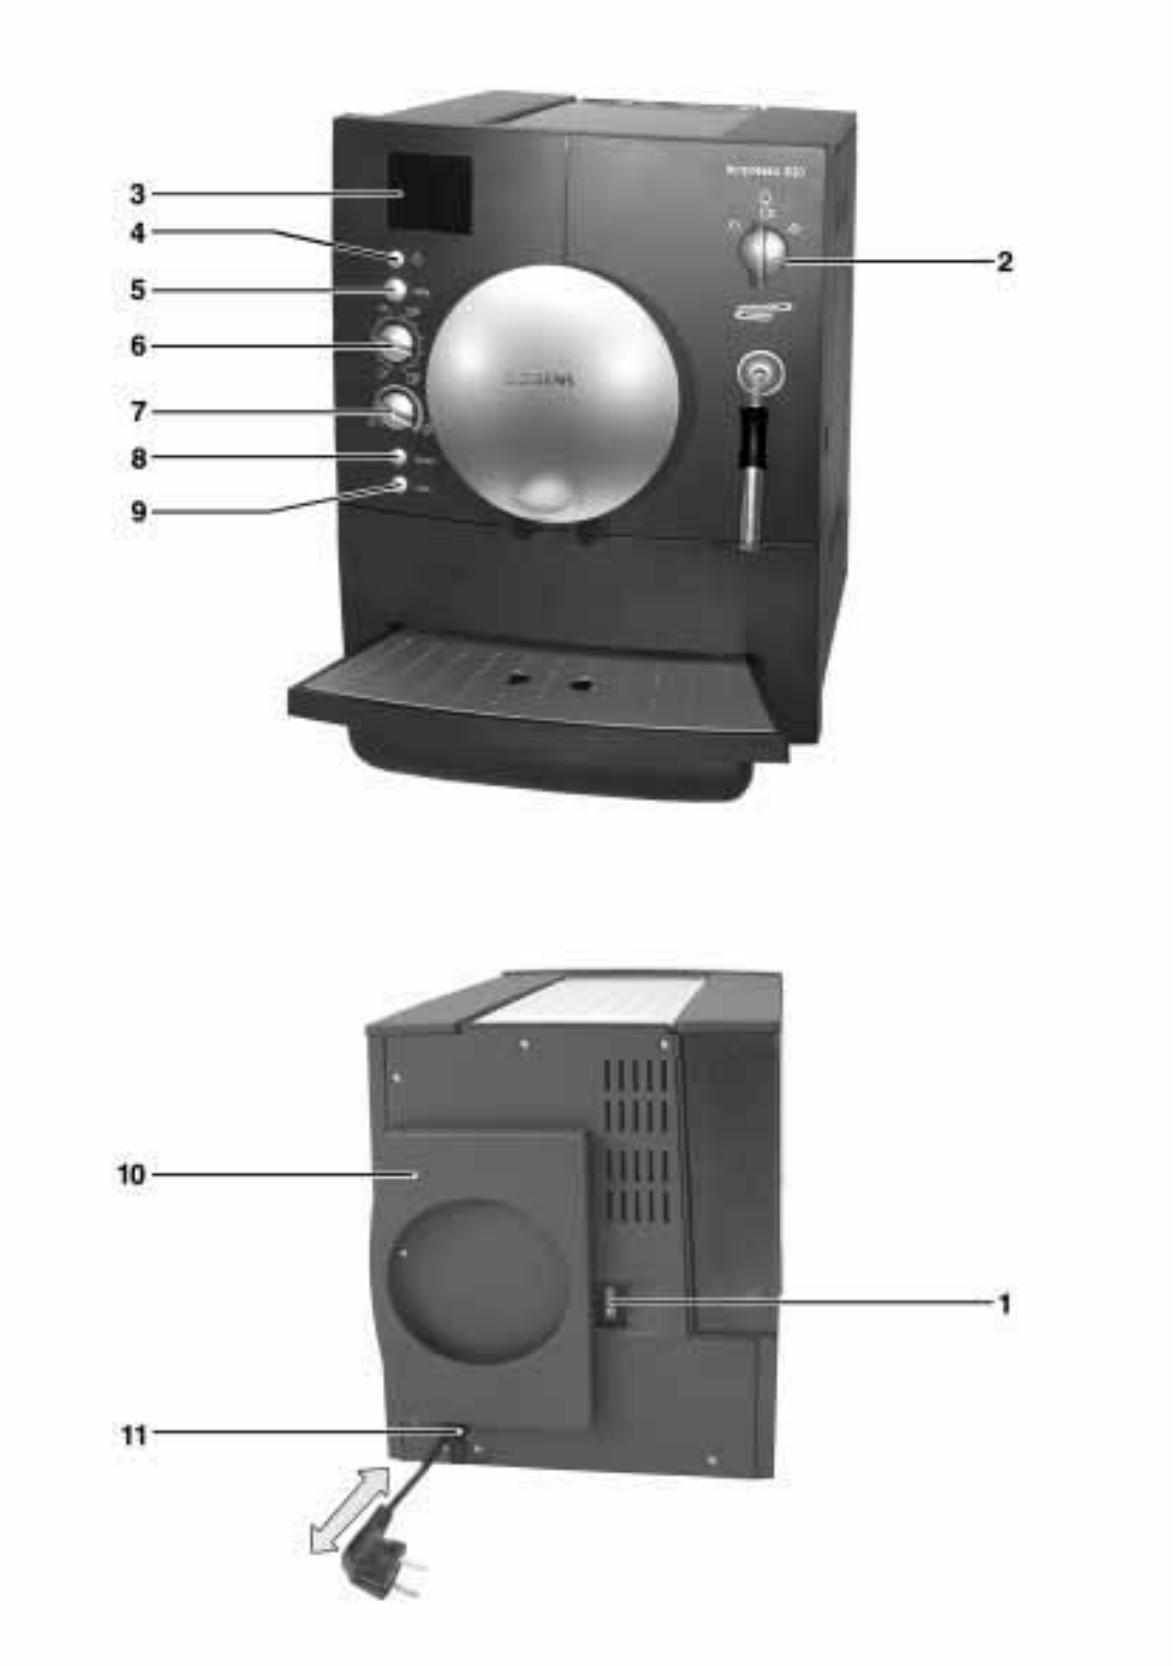 bedienungsanleitung siemens tk60001 surpresso s20 seite 3. Black Bedroom Furniture Sets. Home Design Ideas